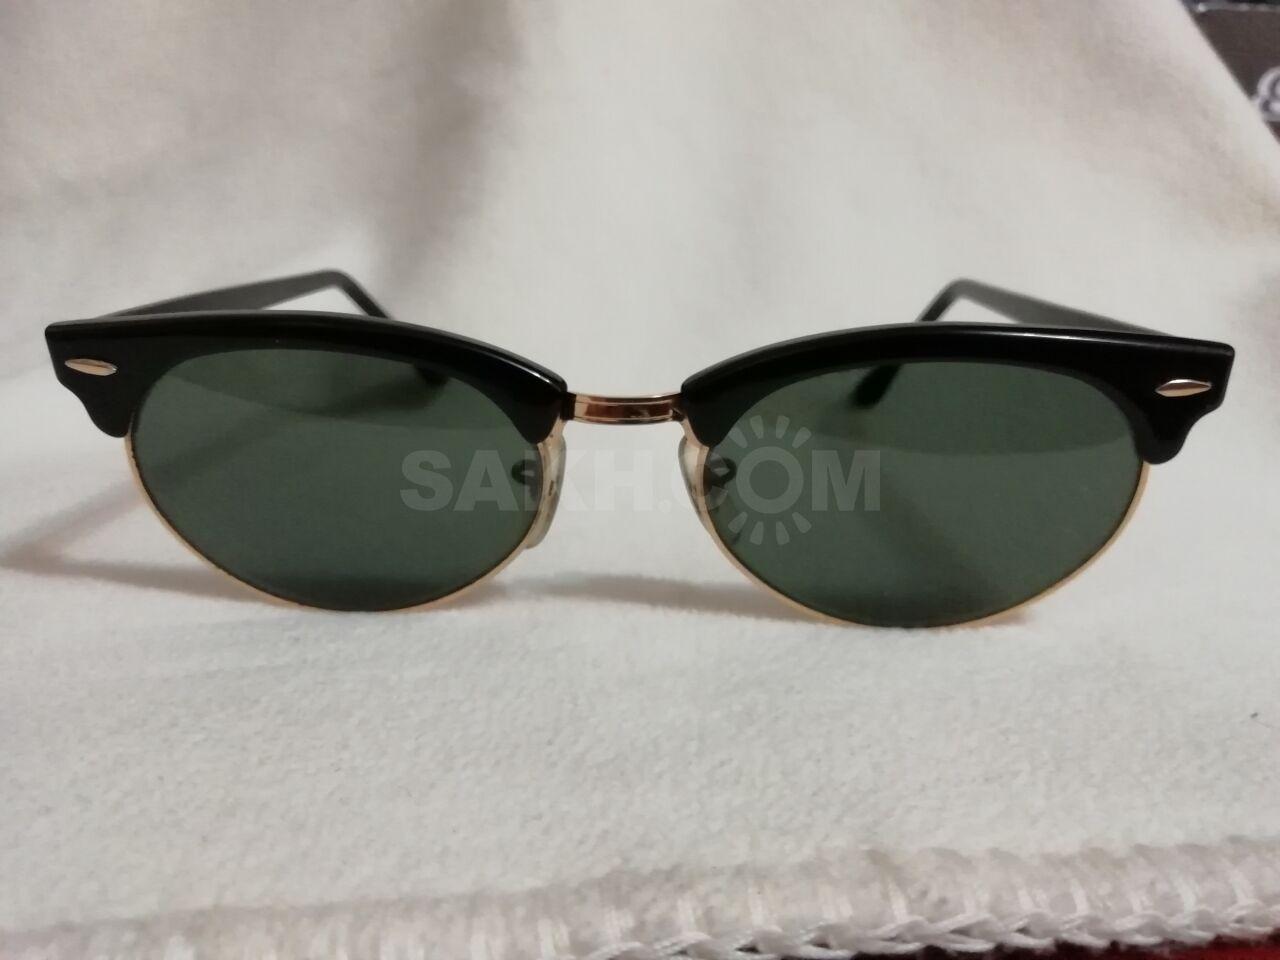 Оригинальные очки Ray-ban Vintage w1263 - 6000 руб. Одежда 09f99a9716340